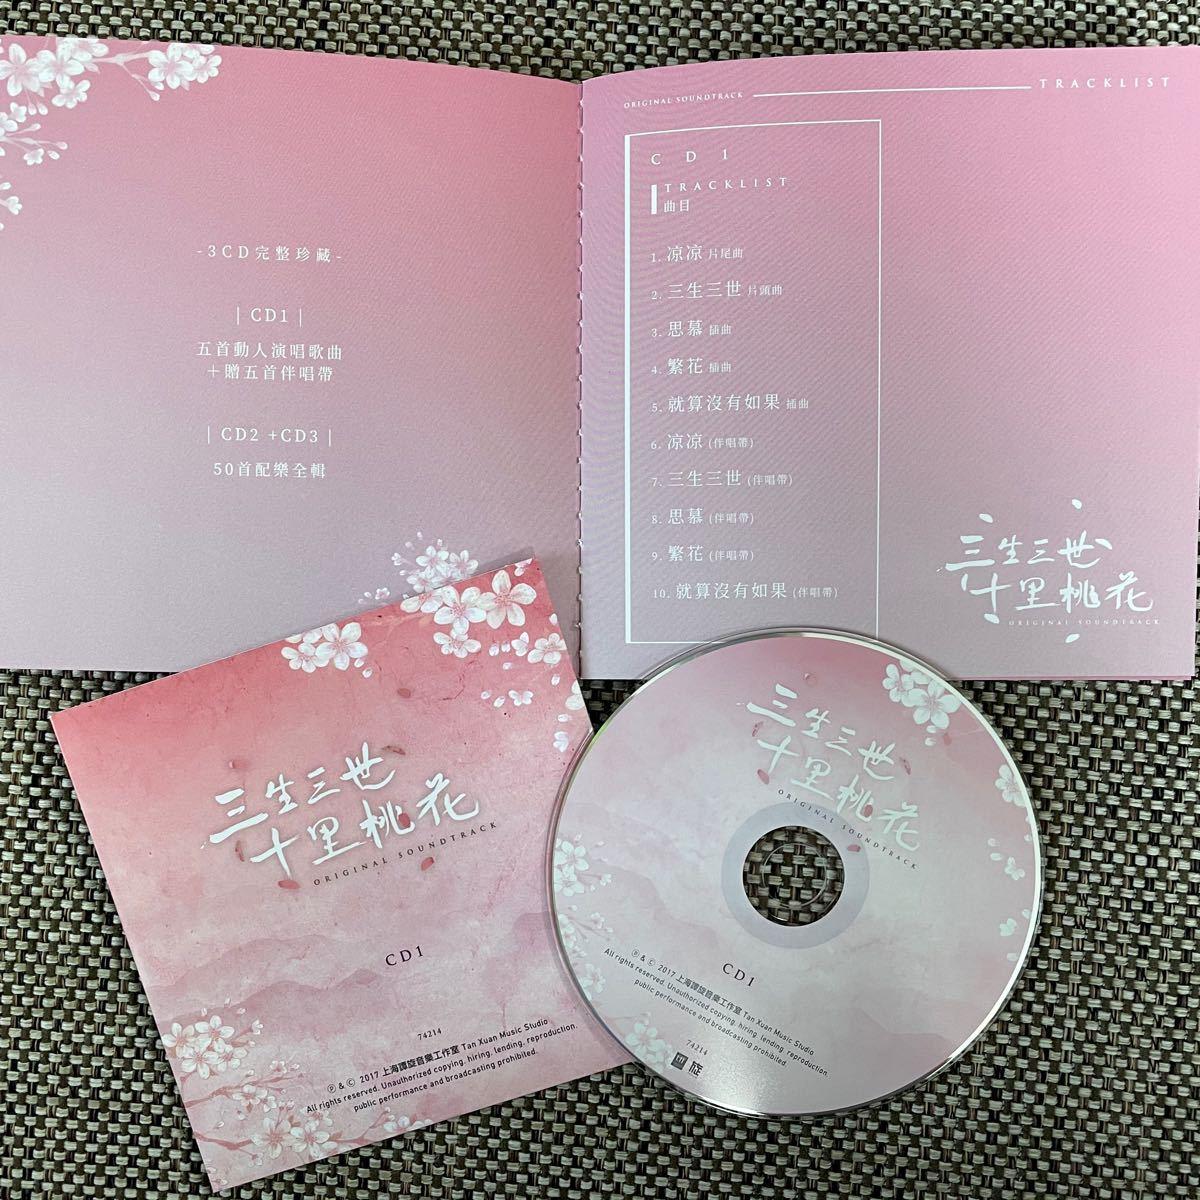 中国ドラマ 「永遠の桃花〜三生三世〜」オリジナルサウンドトラック